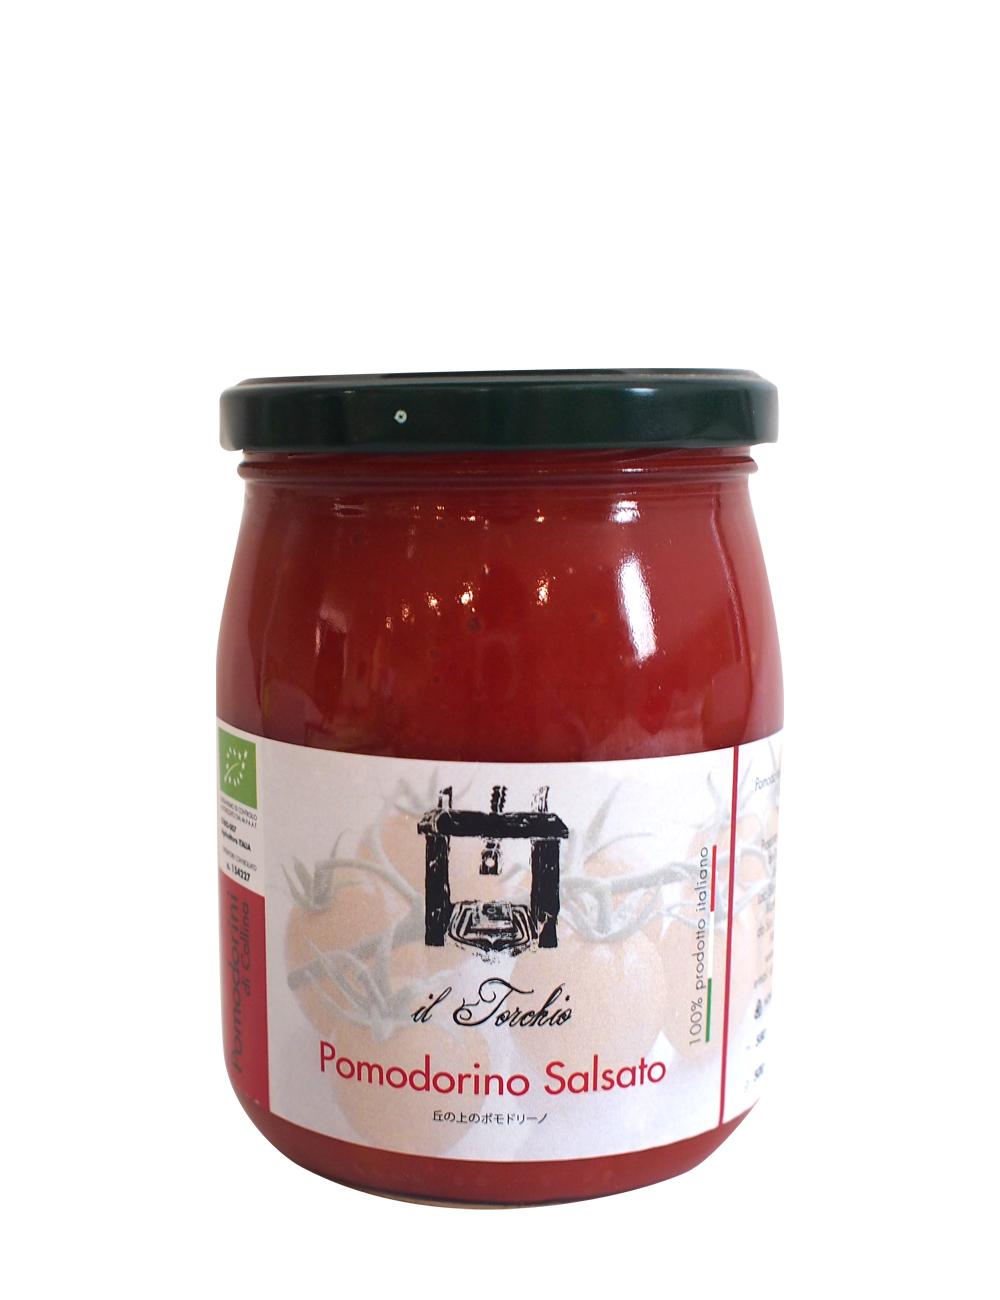 丘の上のポモドリーノ(チェリートマトの水煮)